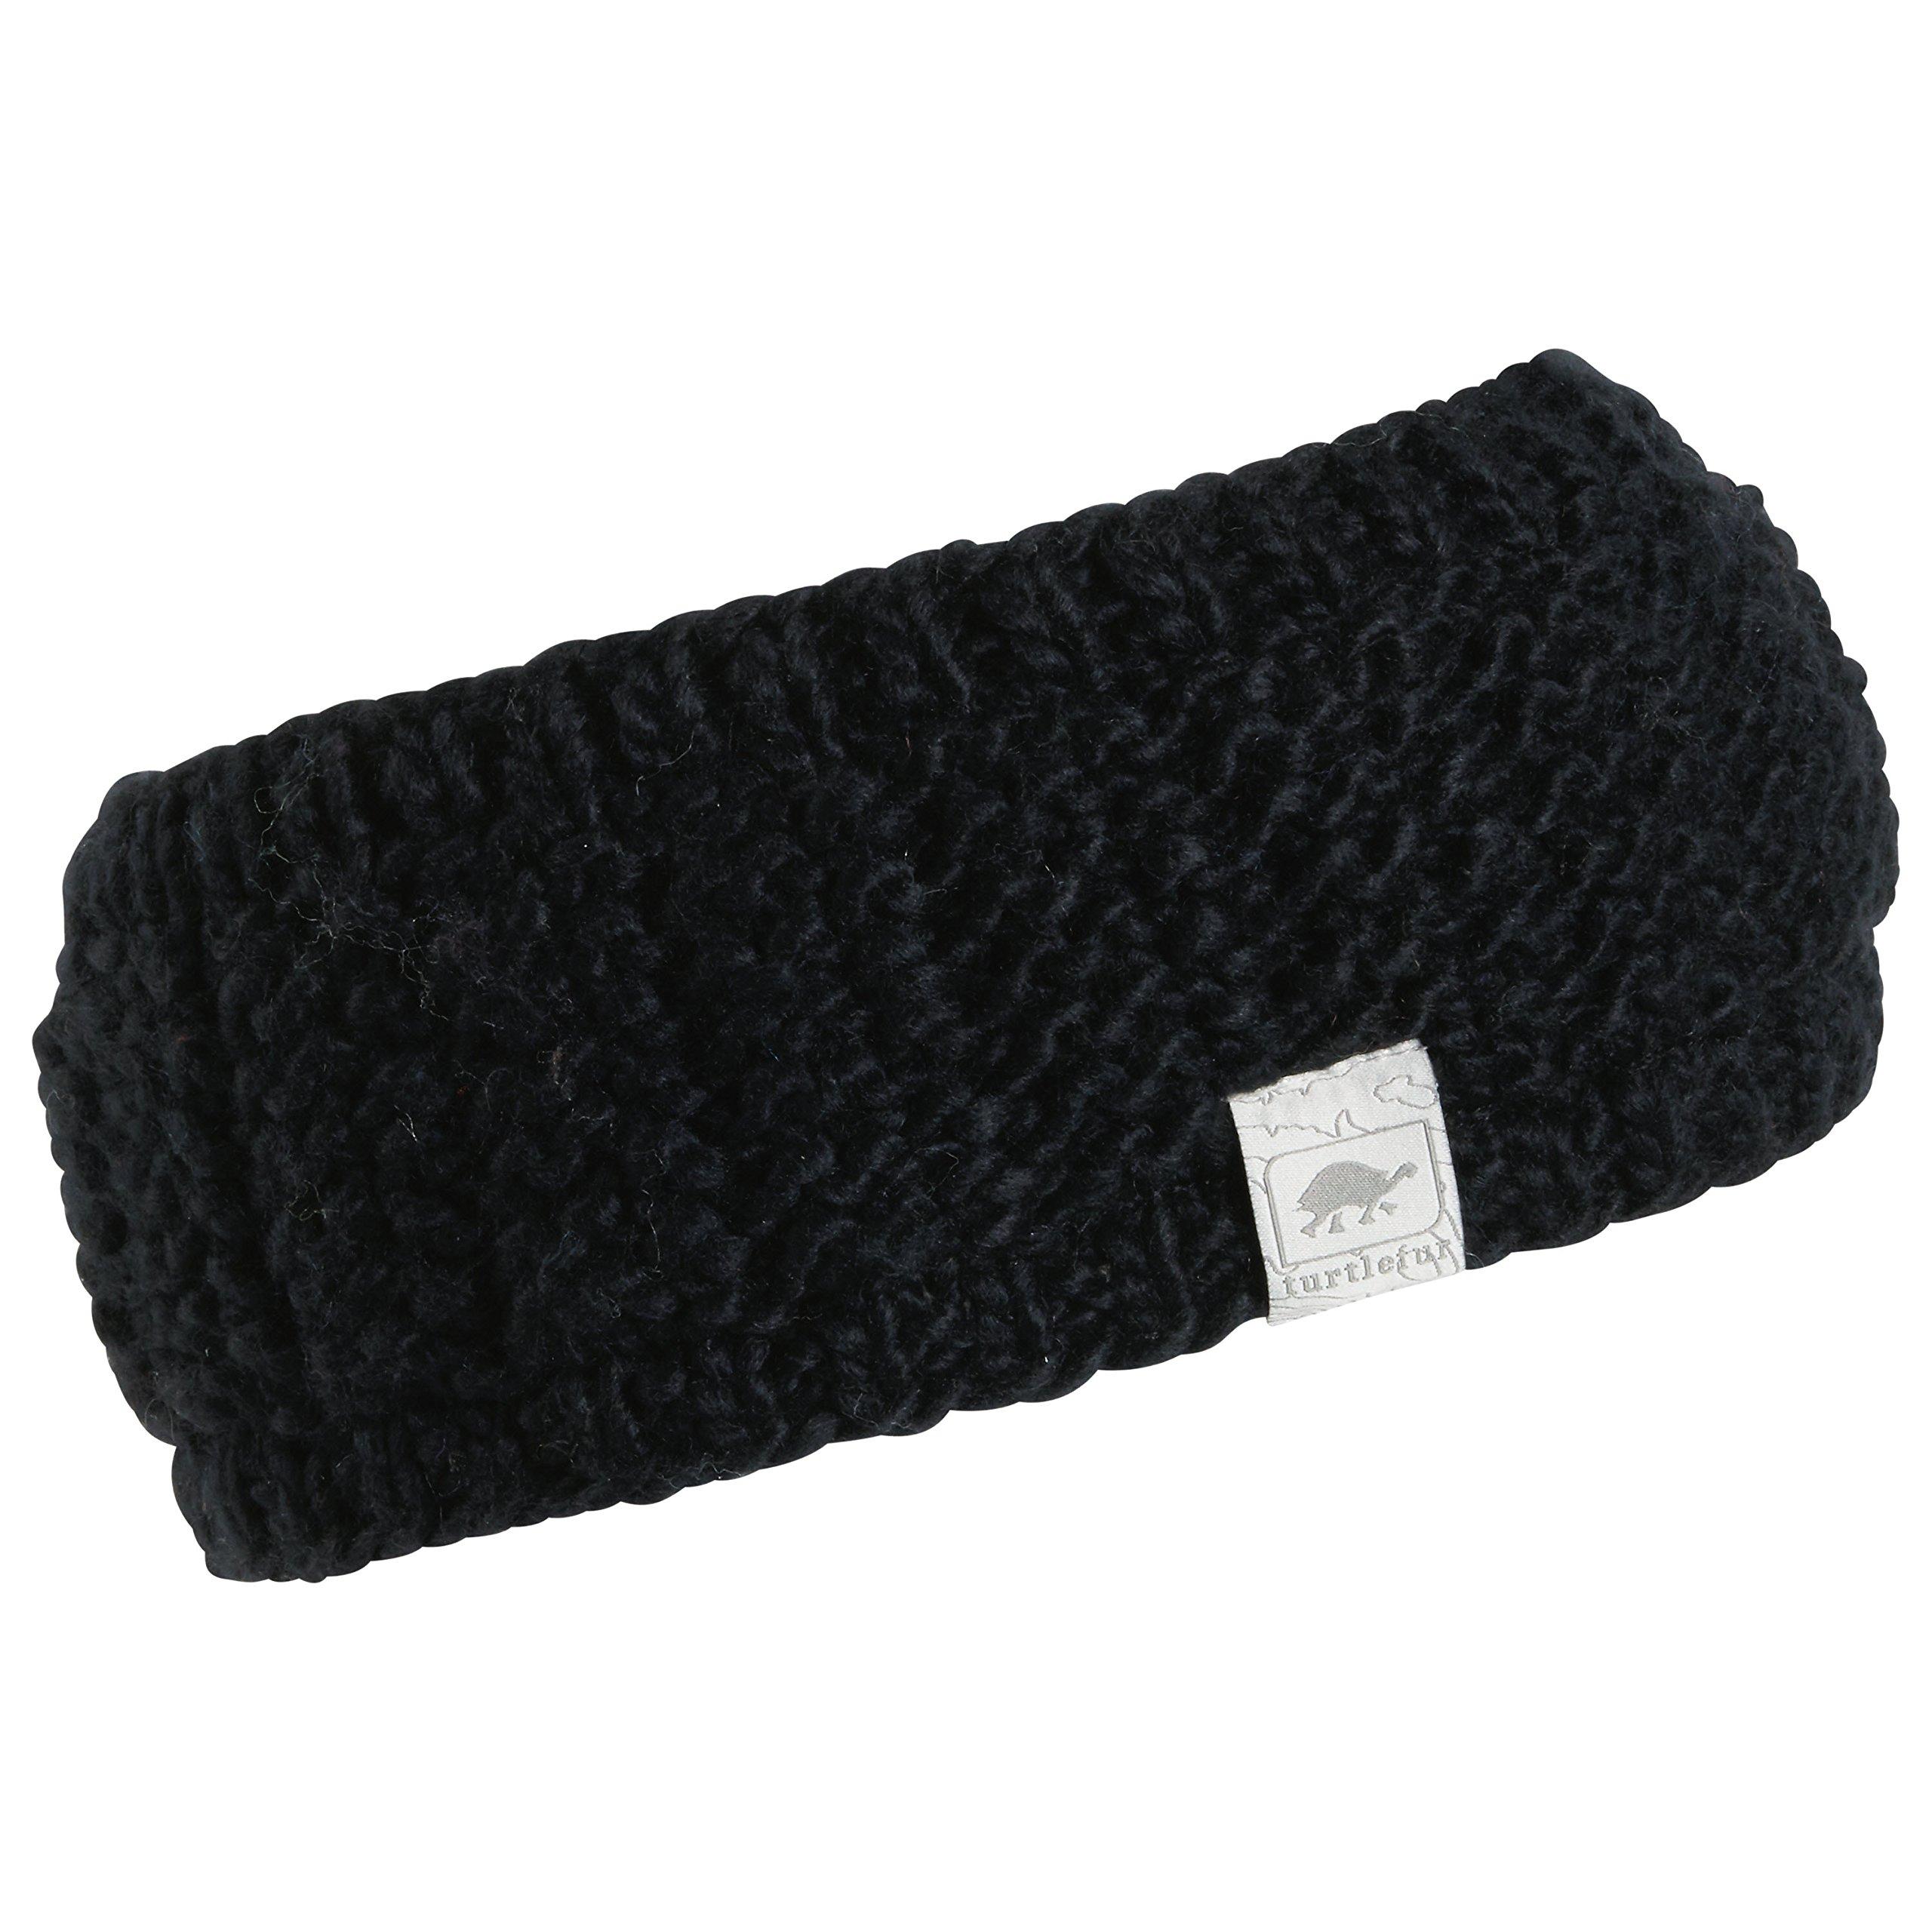 Turtle Fur Shay Women's Fleece Lined Wide Knit Headband Black